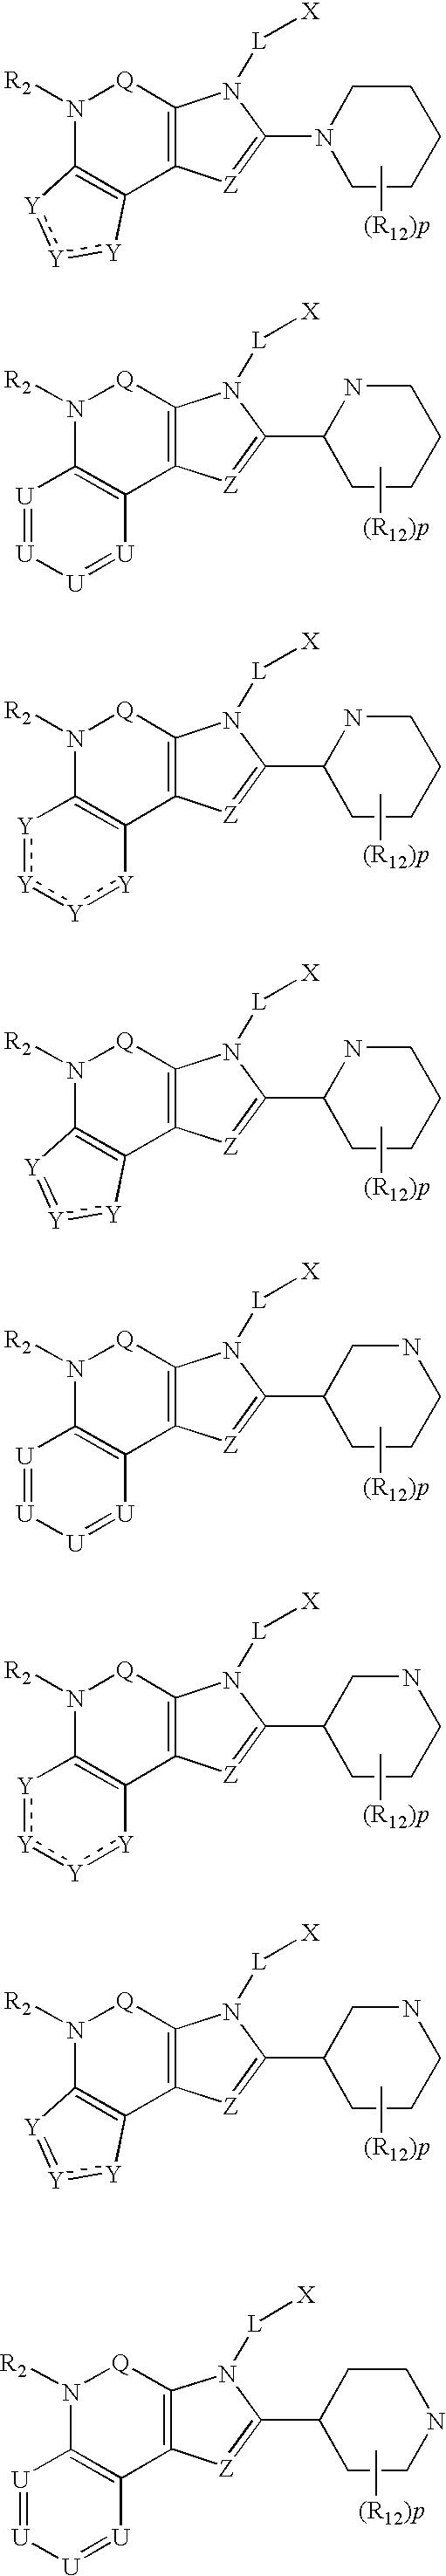 Figure US07169926-20070130-C00072